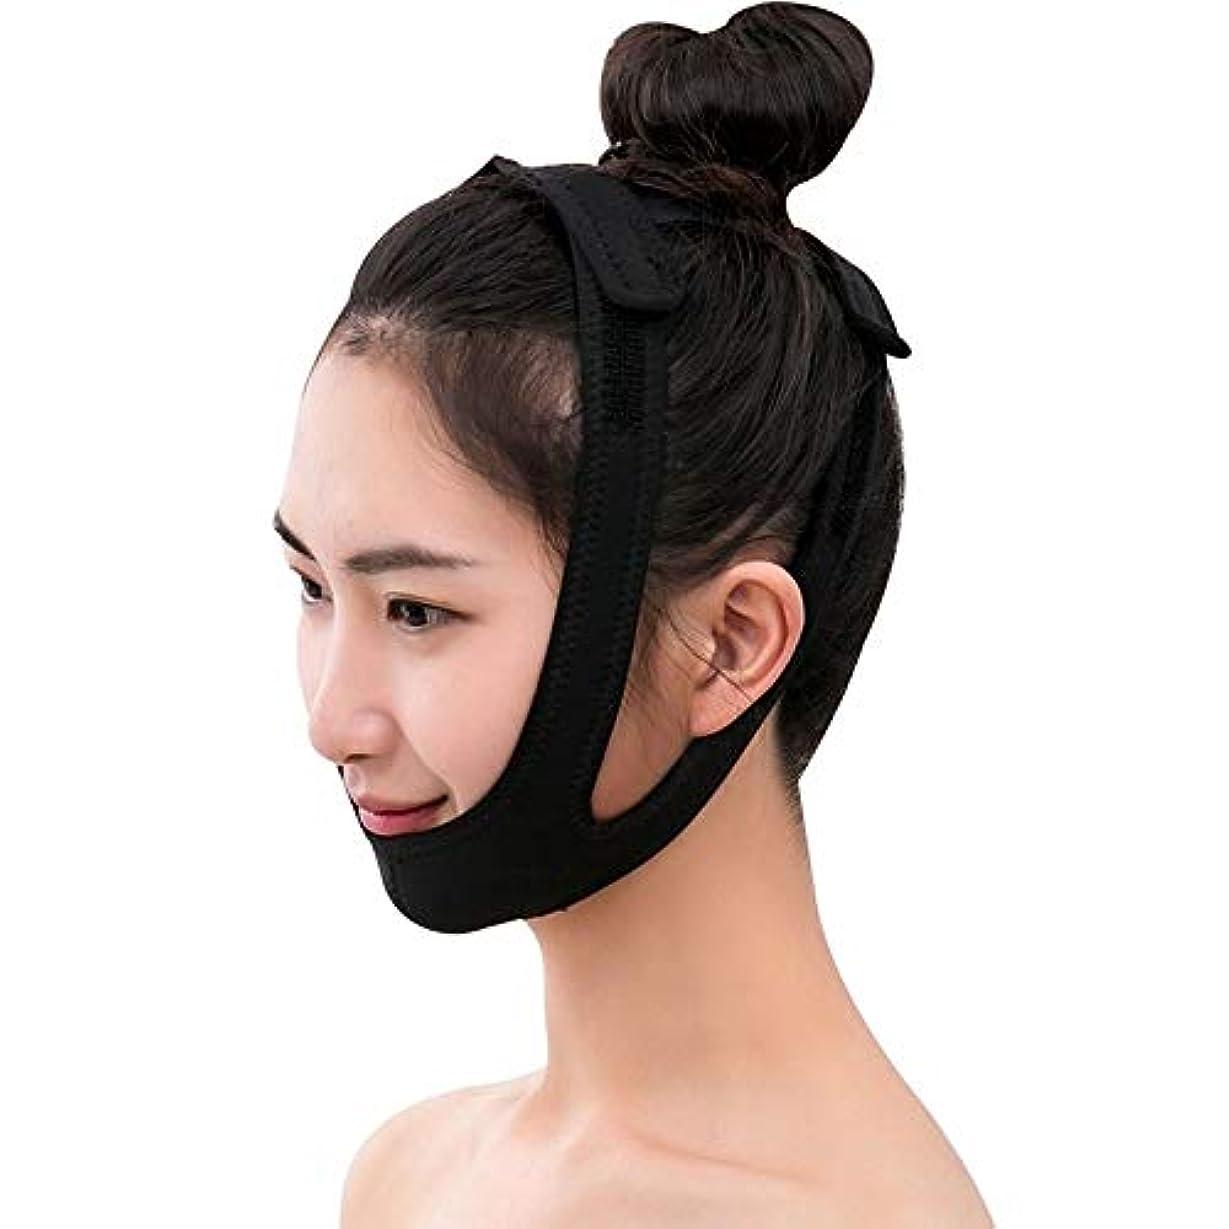 穿孔する廃棄プログレッシブGYZ 強力なフェイスリフトアーチファクト術後回復ライン彫刻フェイシャルリフト睡眠リフティングフェイス引き締めVフェイス包帯 - 黒 Thin Face Belt